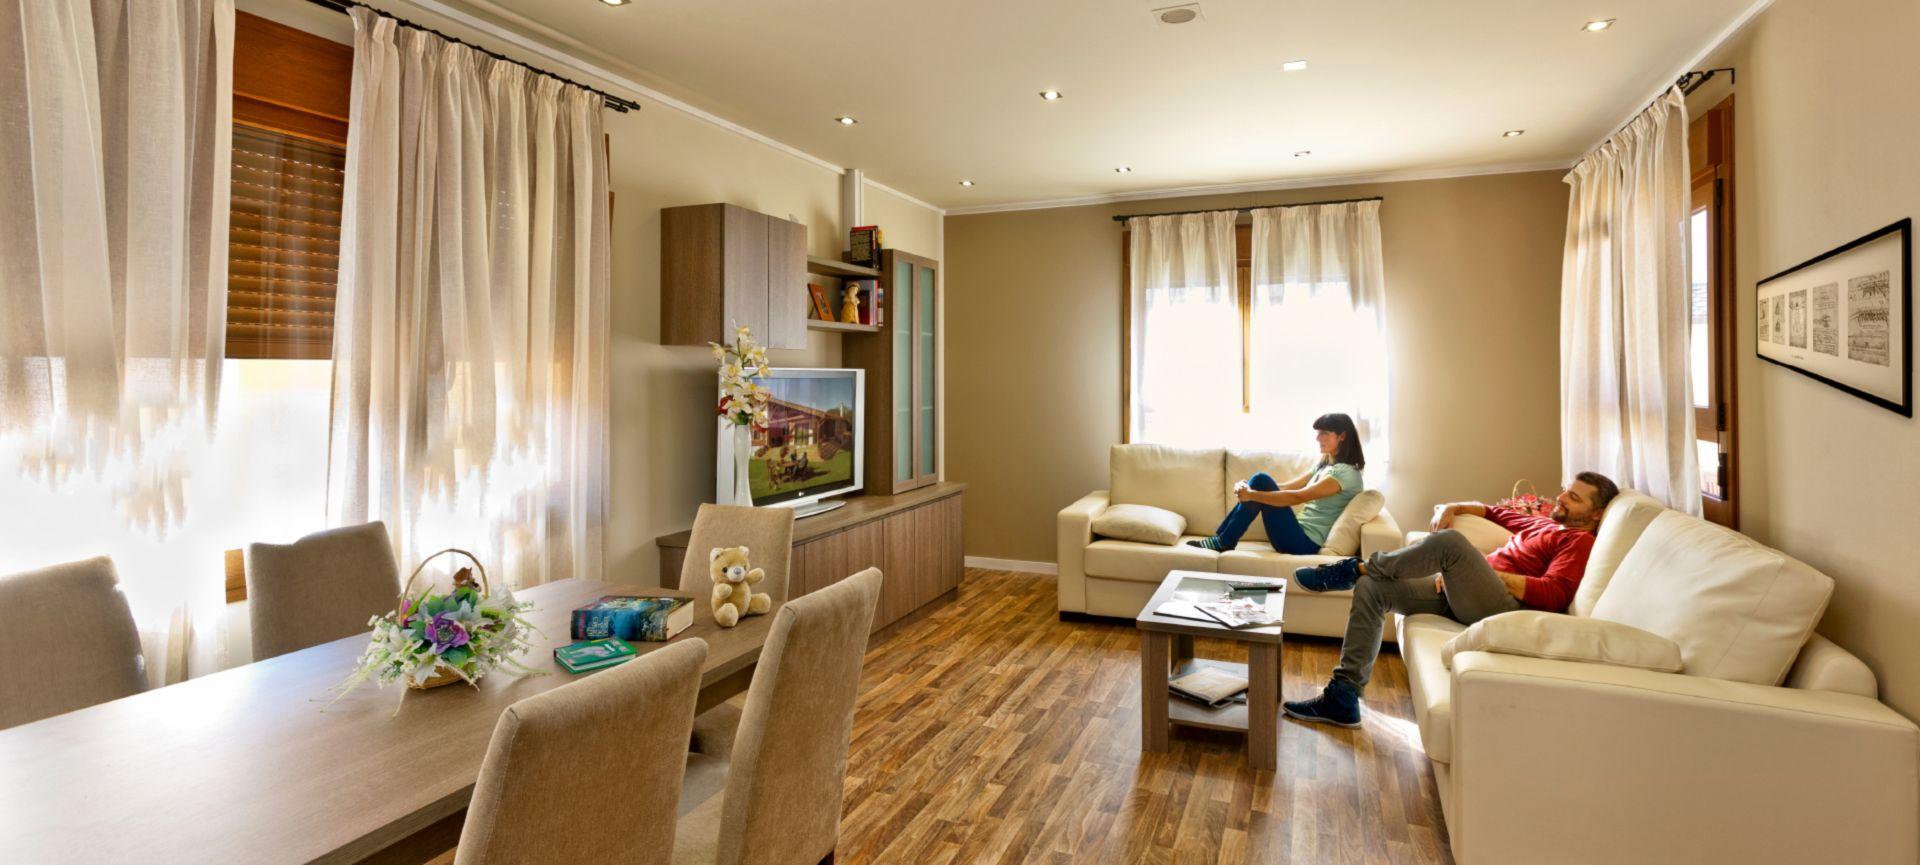 Casas prefabricadas y productos al mejor precio eurocasa for Interiores de casas prefabricadas